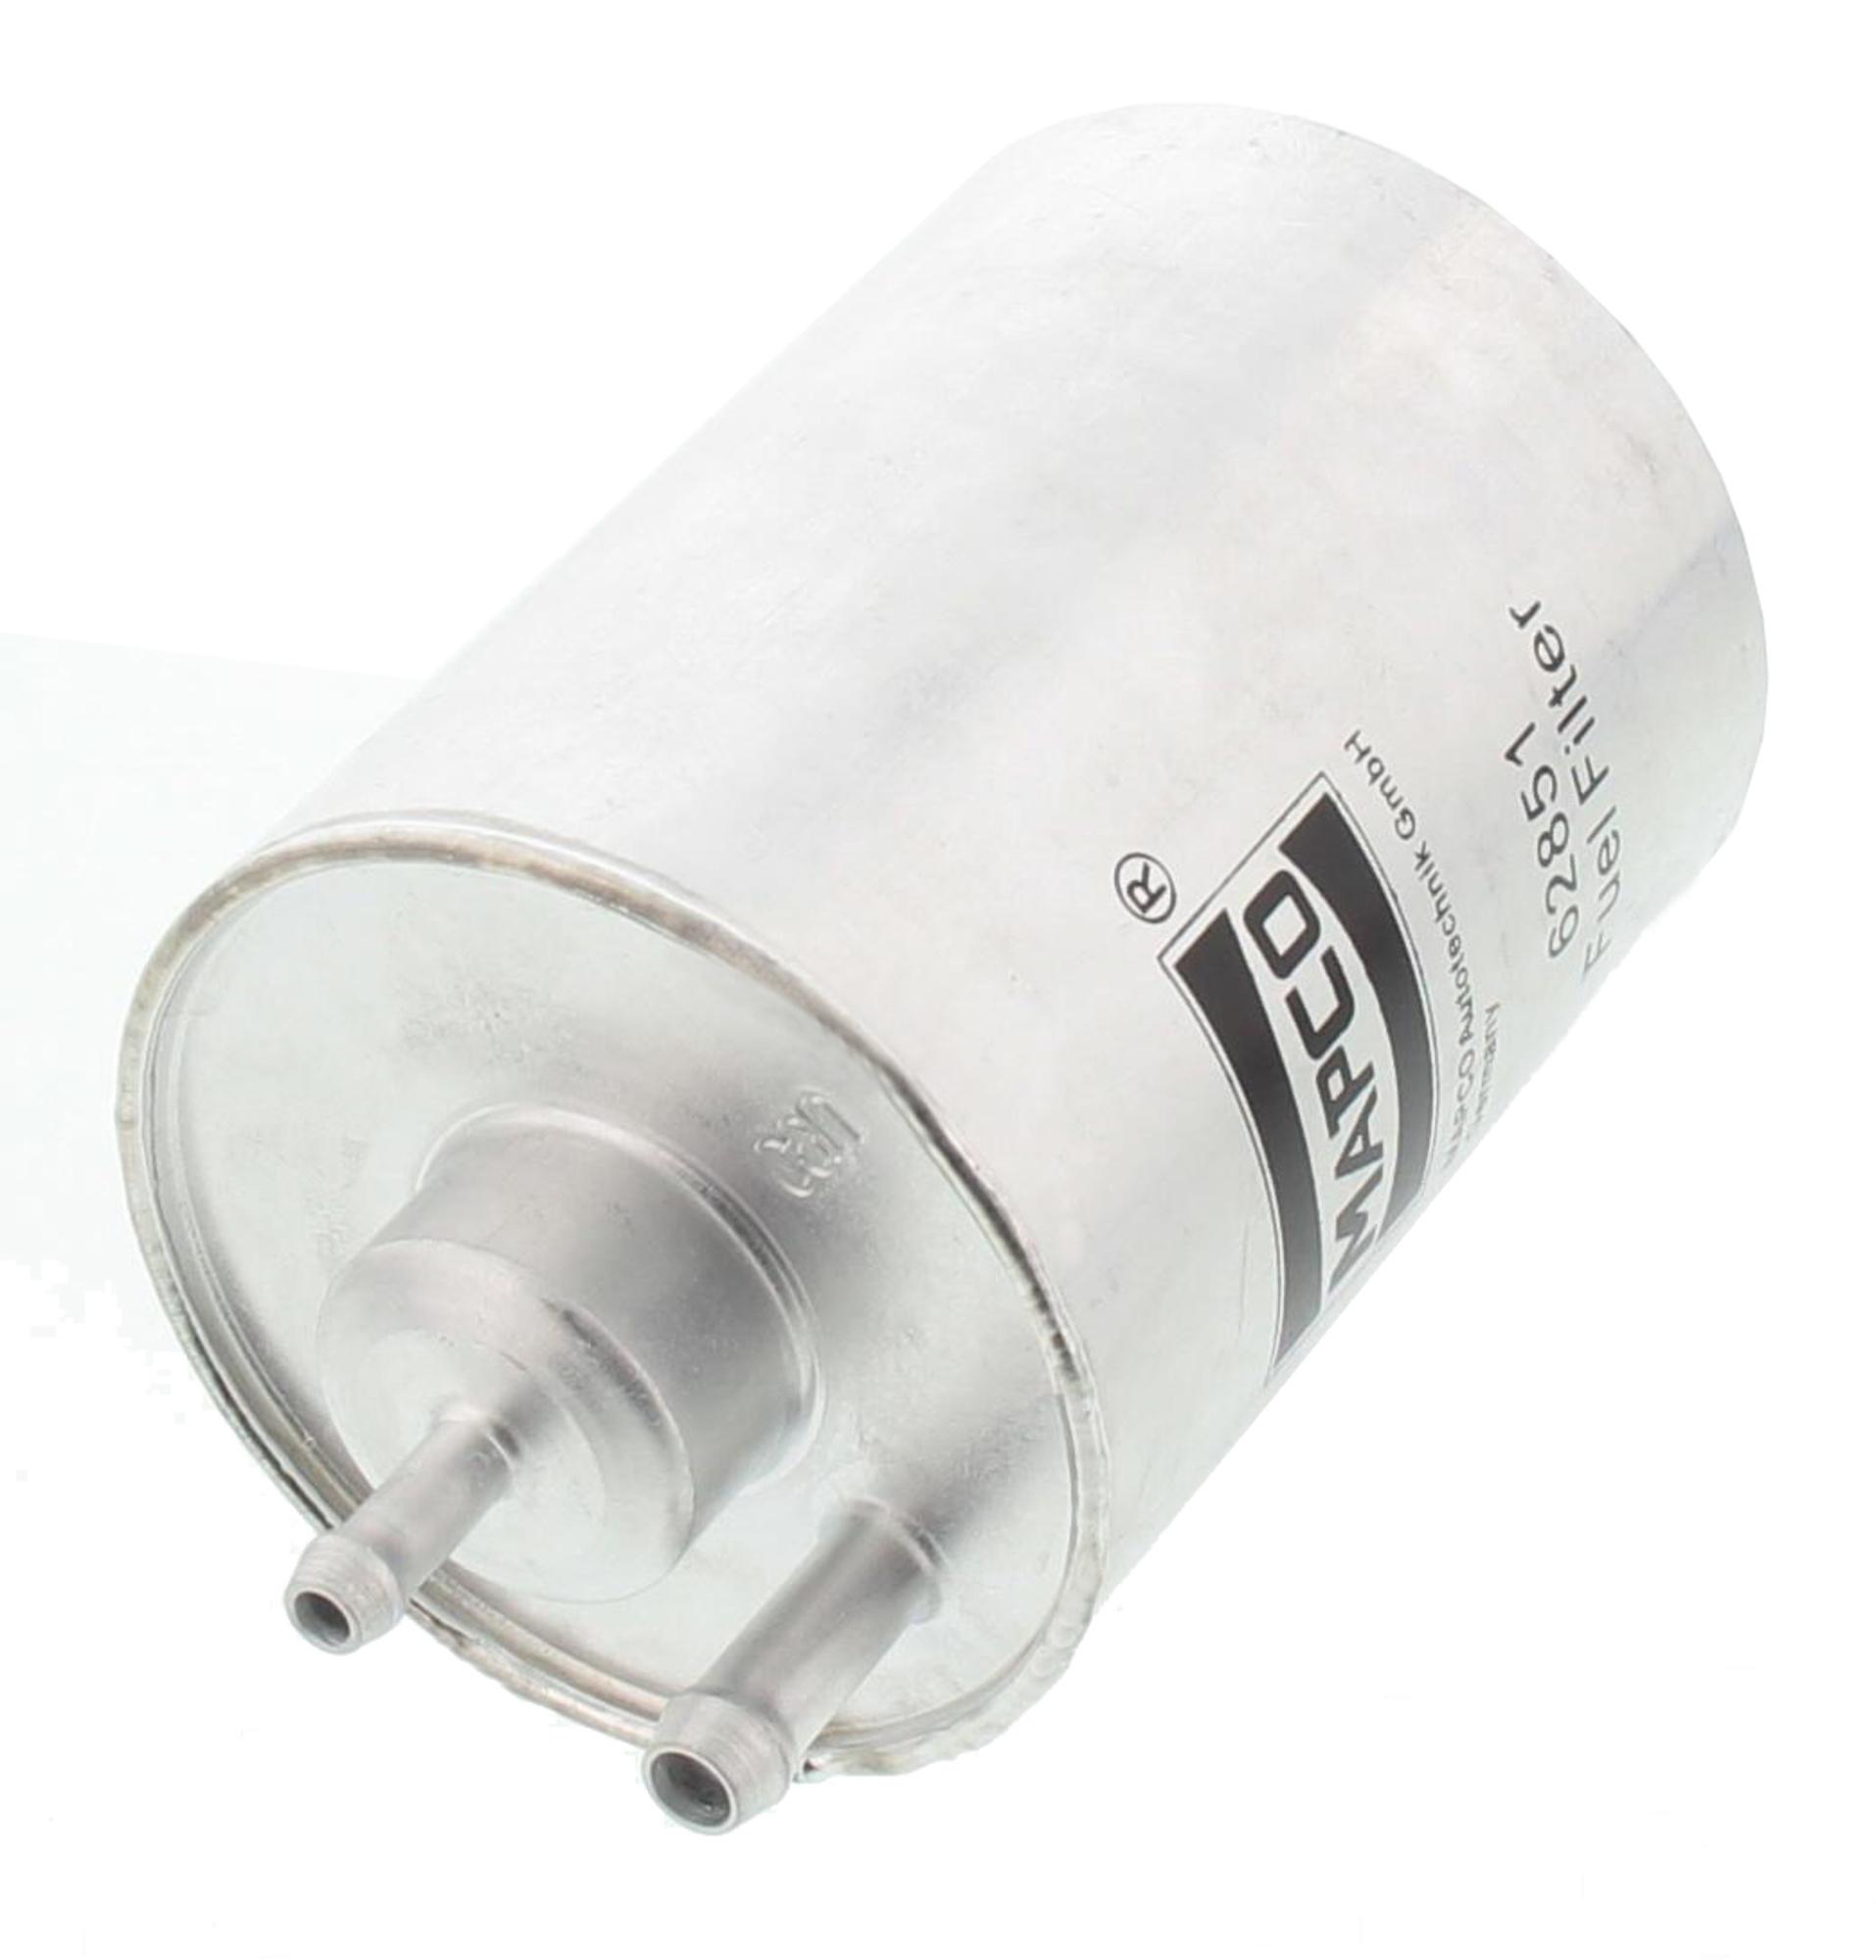 Mapco 62851 Fuel Filter Cabrio